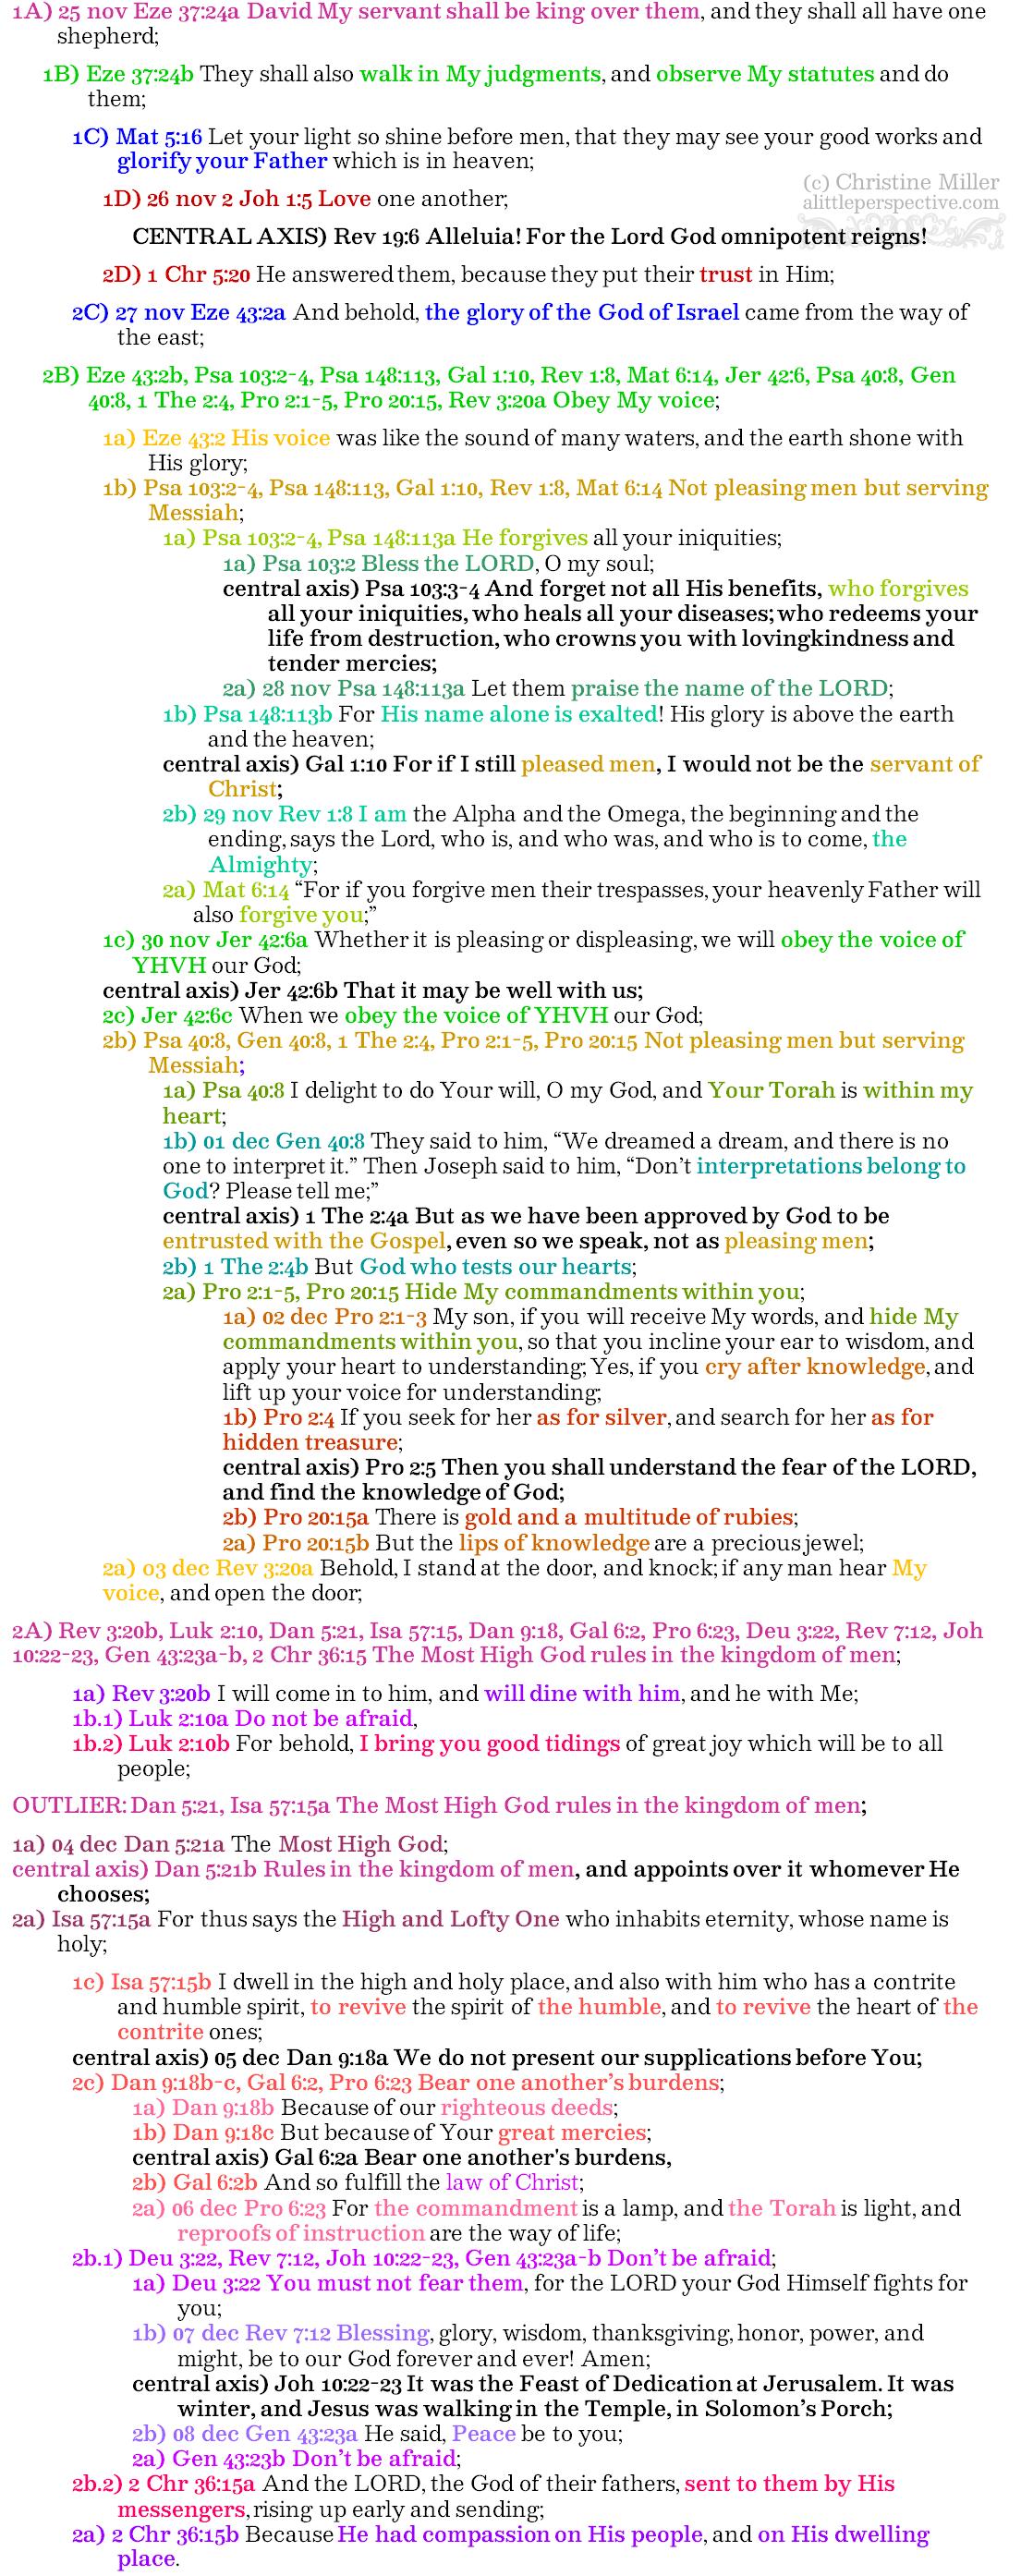 25 nov - 08 dec 2018 shabbat prophetic chiasm | alittleperspective.com